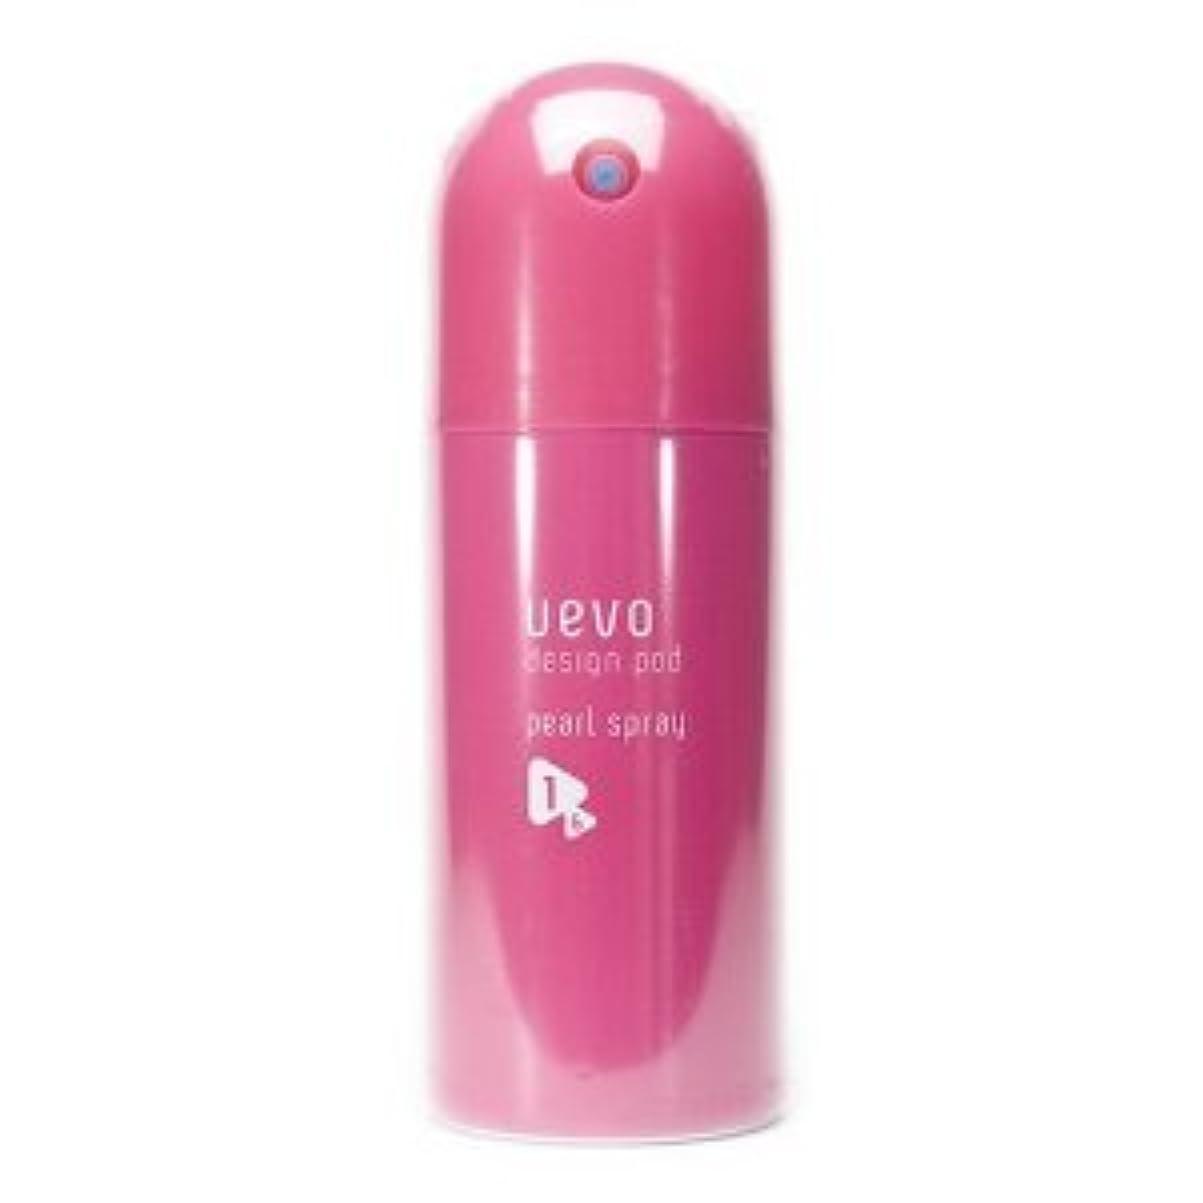 ラベンダーみぞれによると【X3個セット】 デミ ウェーボ デザインポッド パールスプレー 220ml pearl spray DEMI uevo design pod